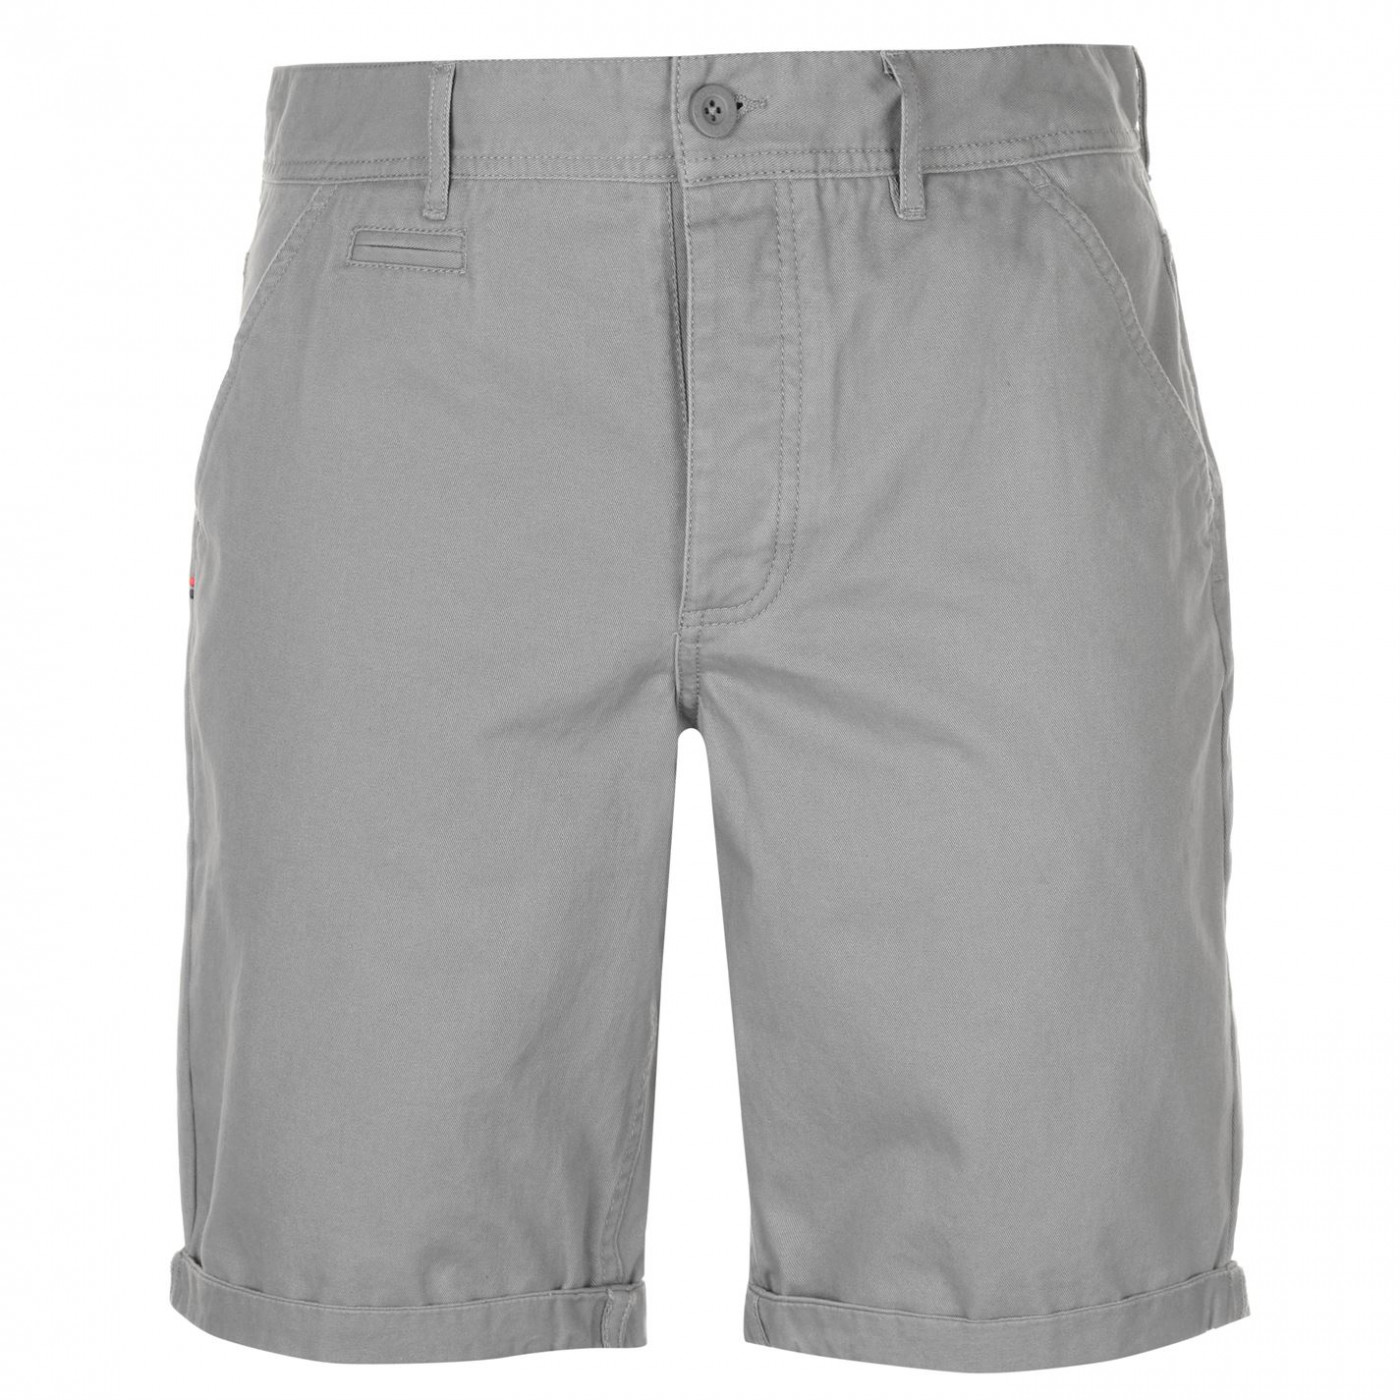 Kangol Chino Shorts Mens